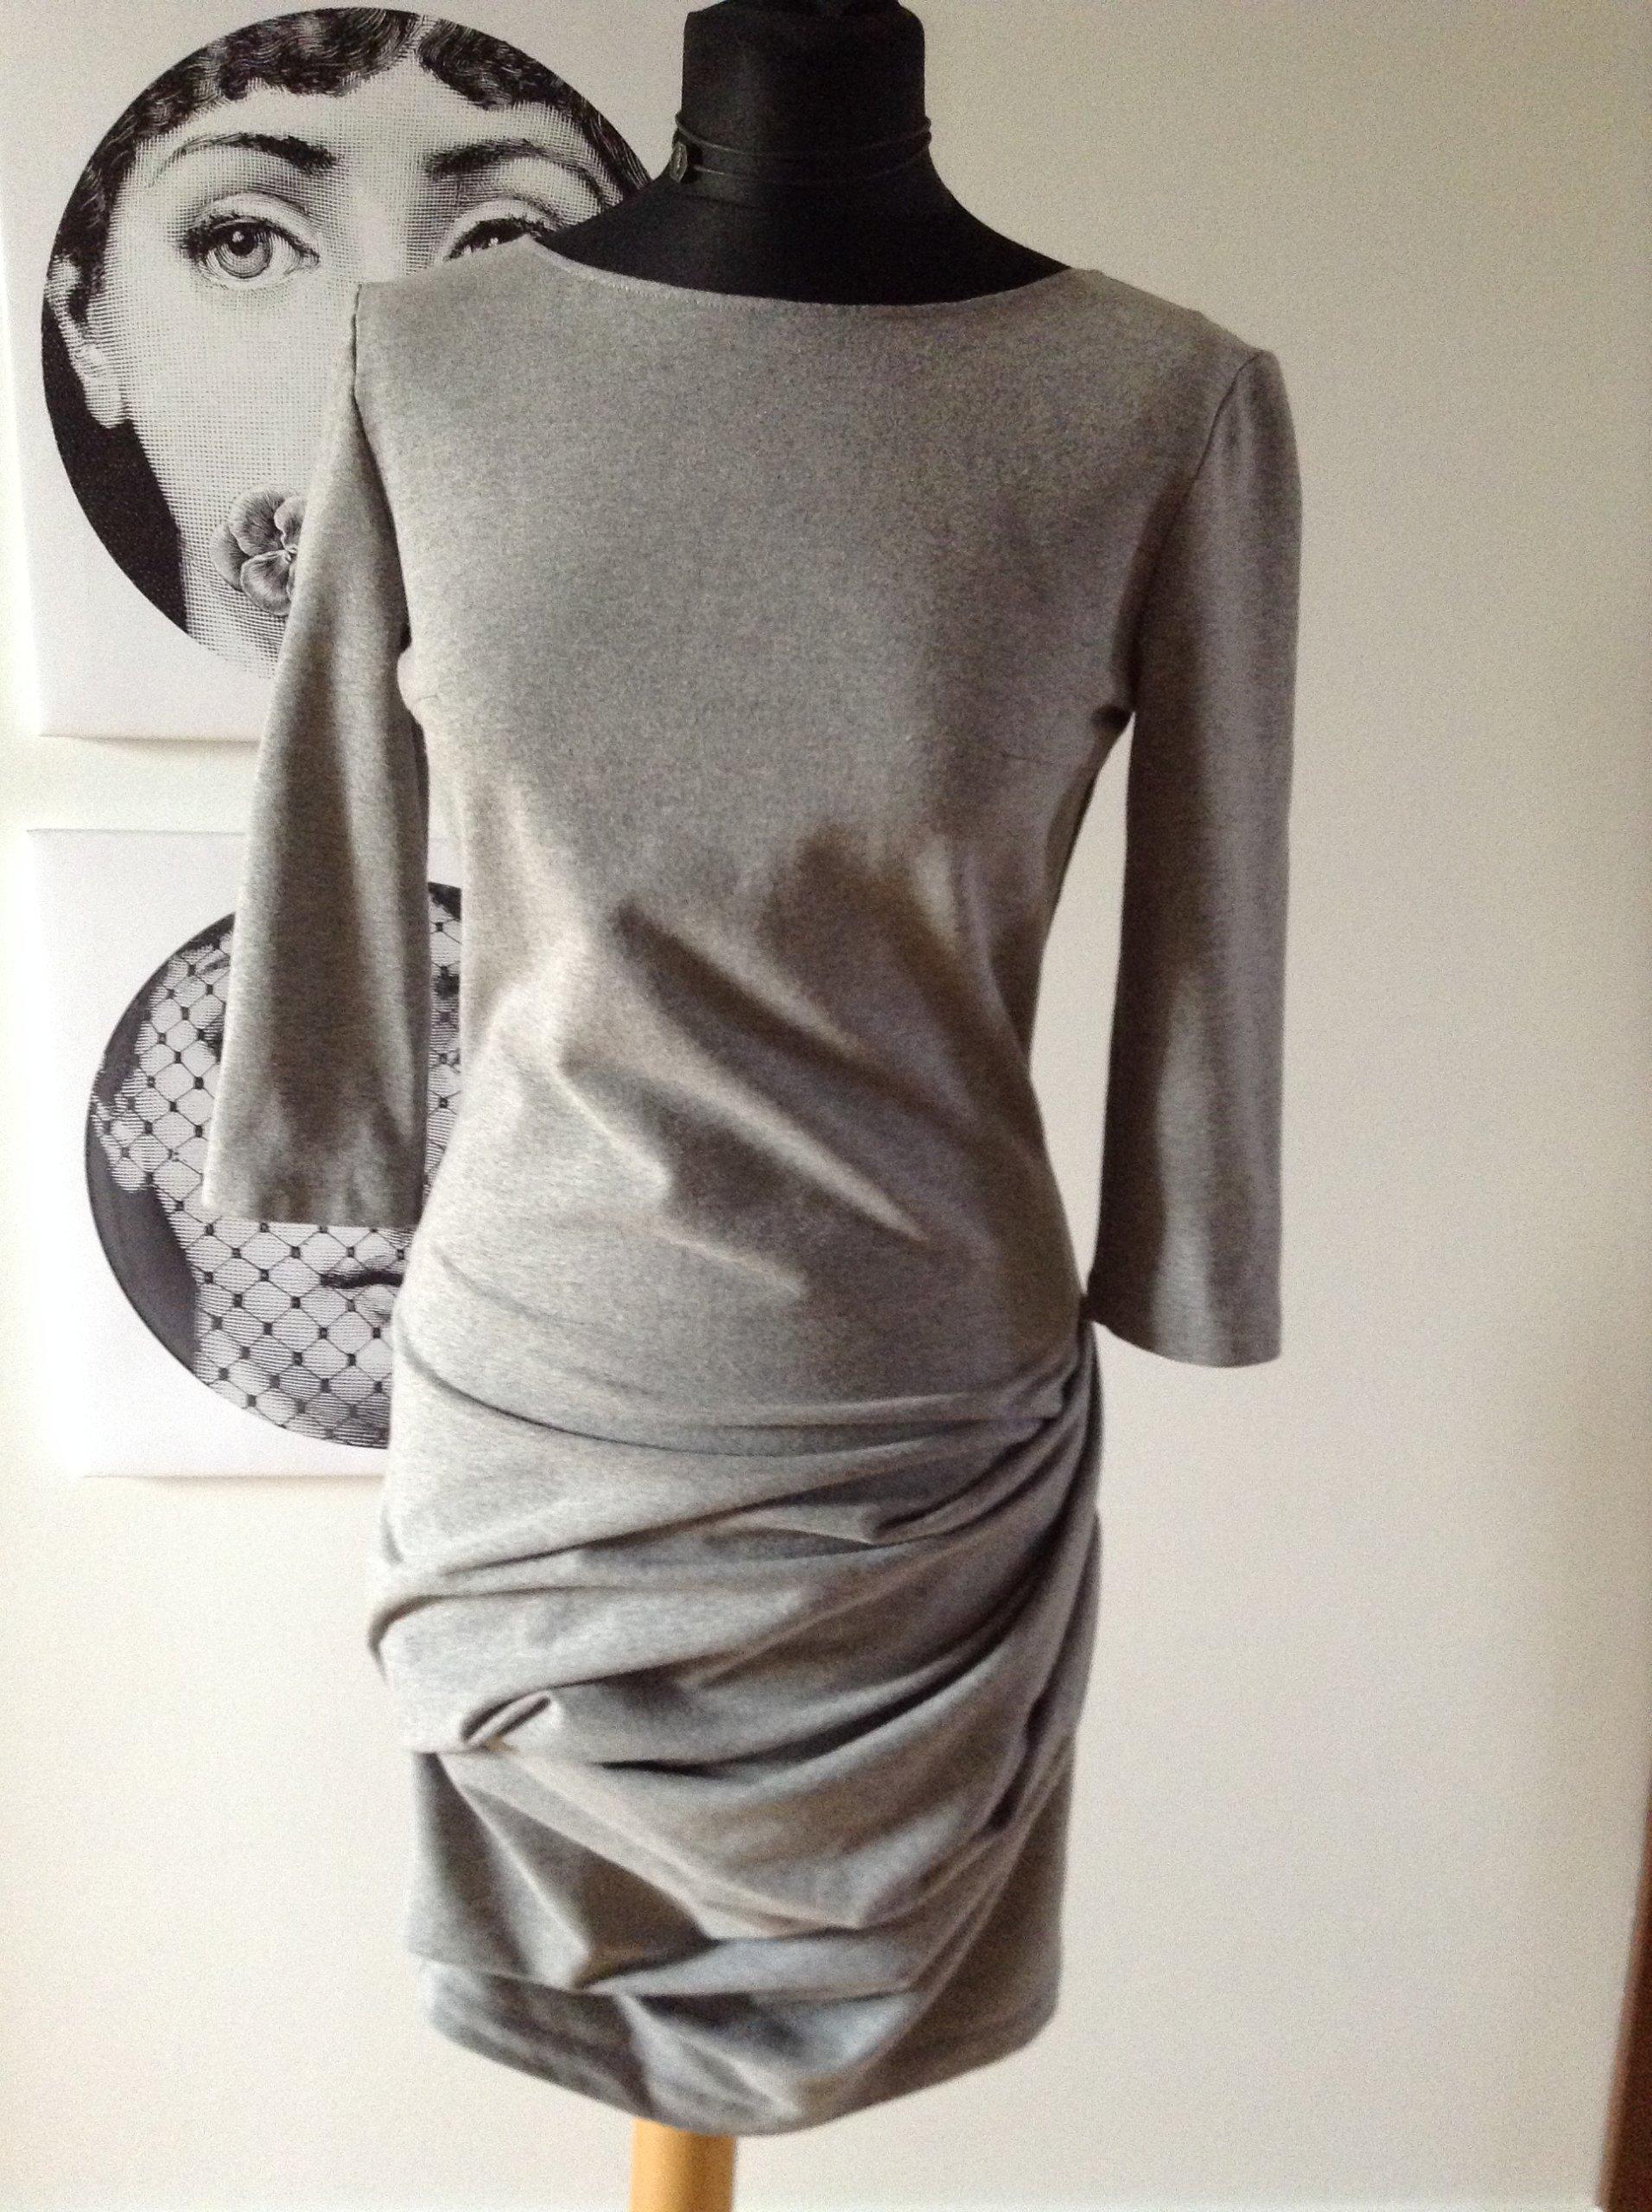 aec89a1ba2 Sukienka szara Bohoboco rozmiar 36 - 7446718844 - oficjalne archiwum ...